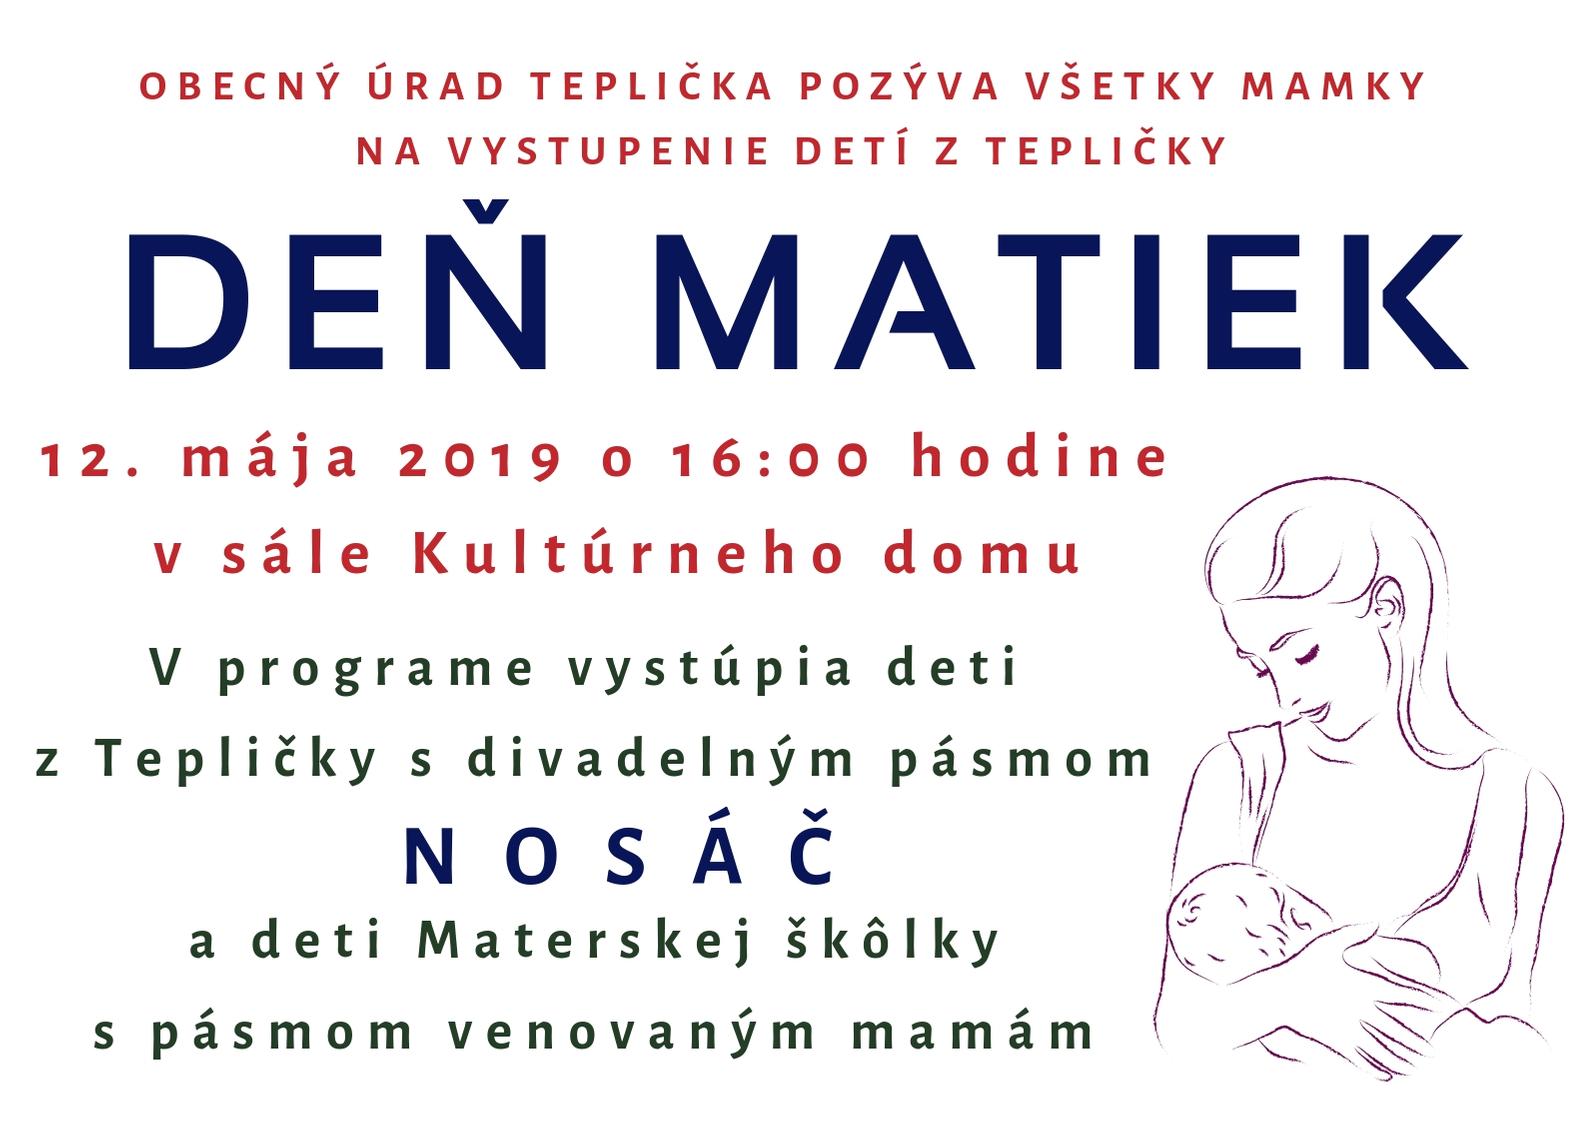 Deň_matiek_2019